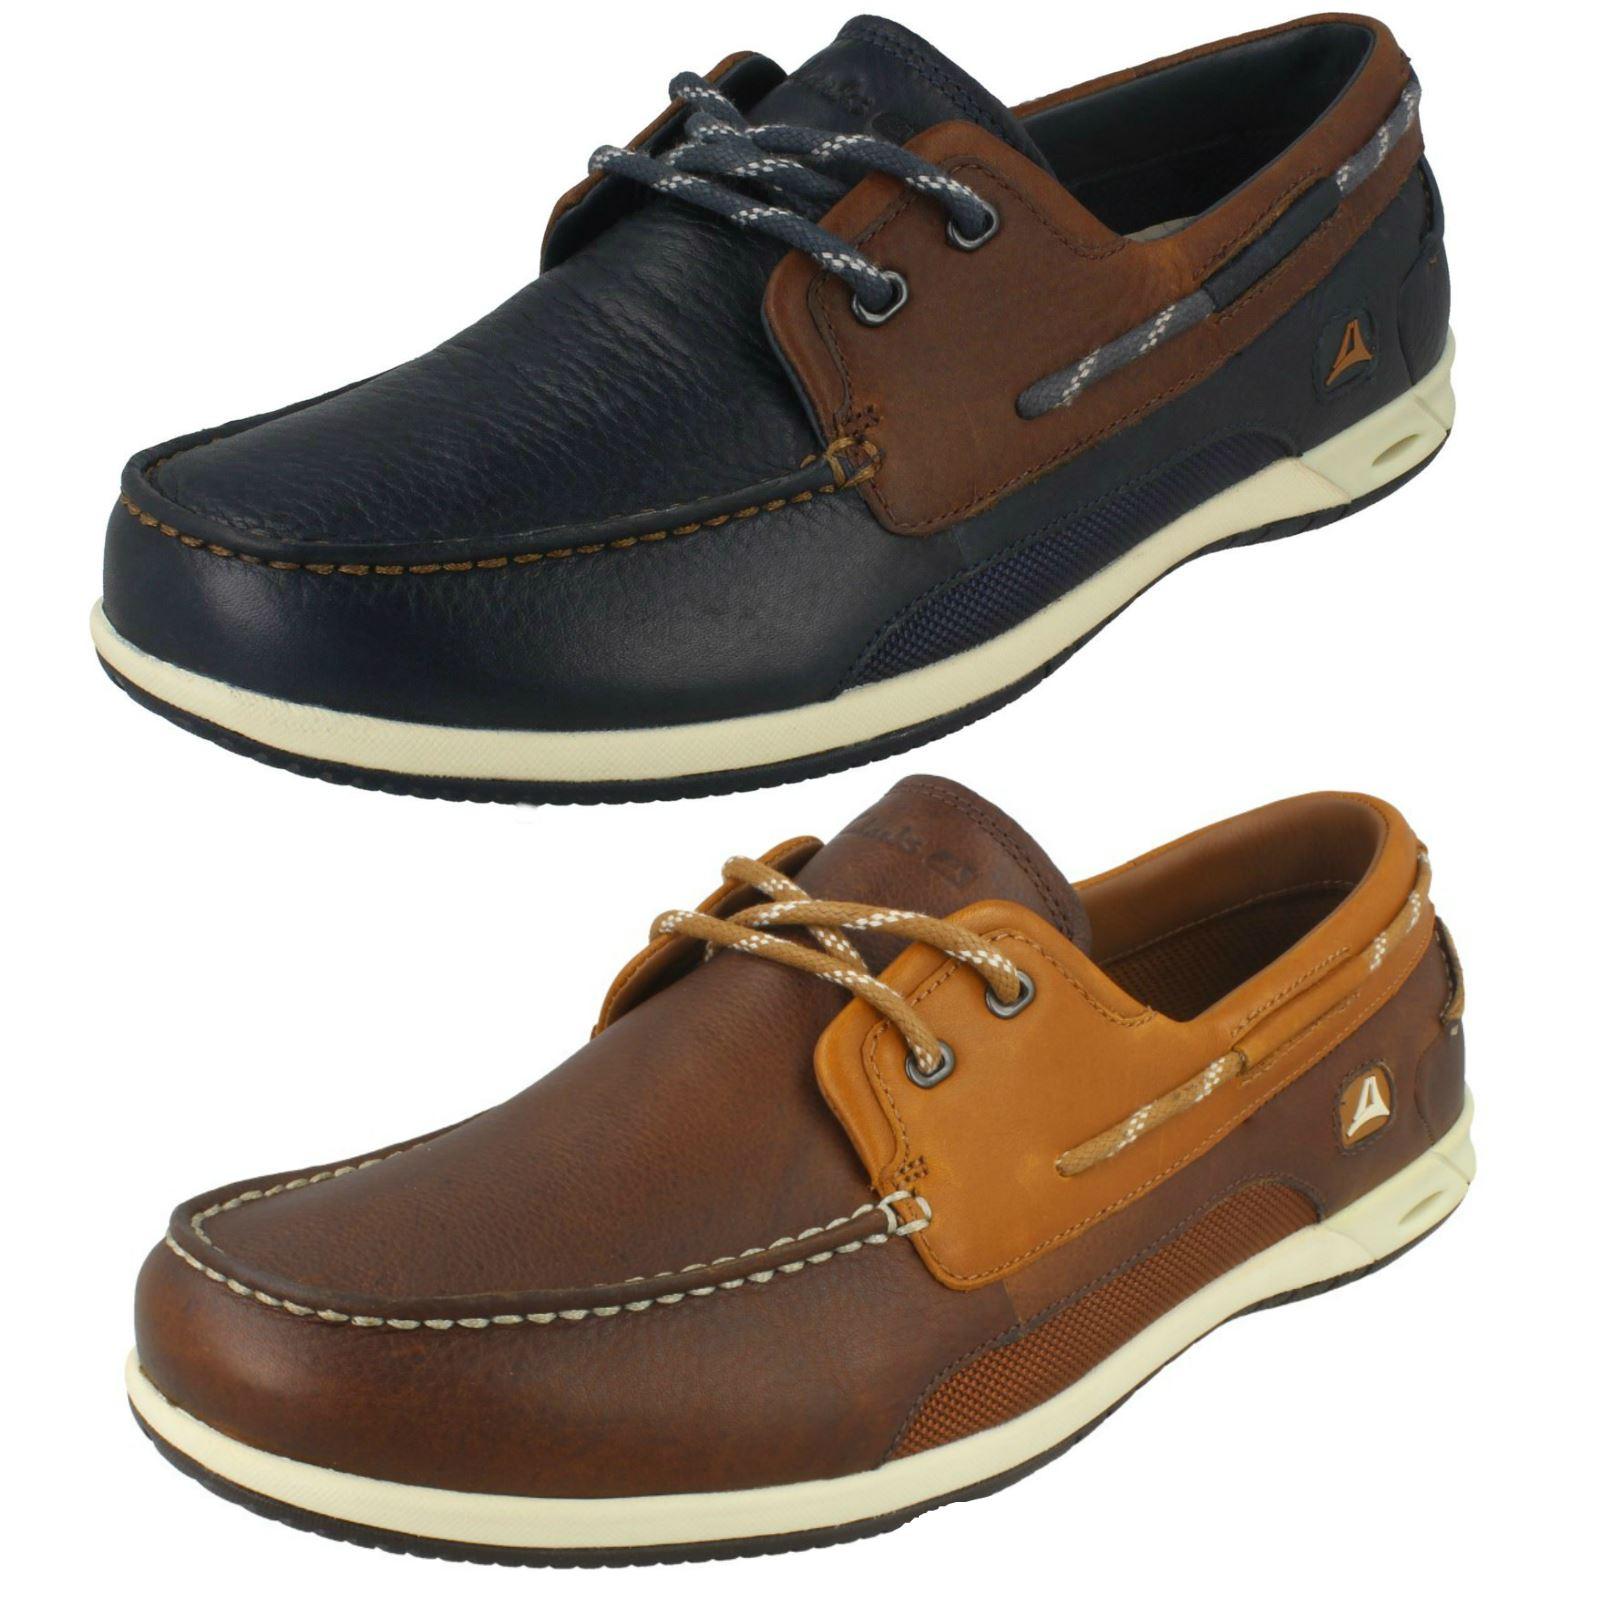 Nube elevación Retencion  Mens Clarks Boat Shoes 'Orson Harbour' | eBay